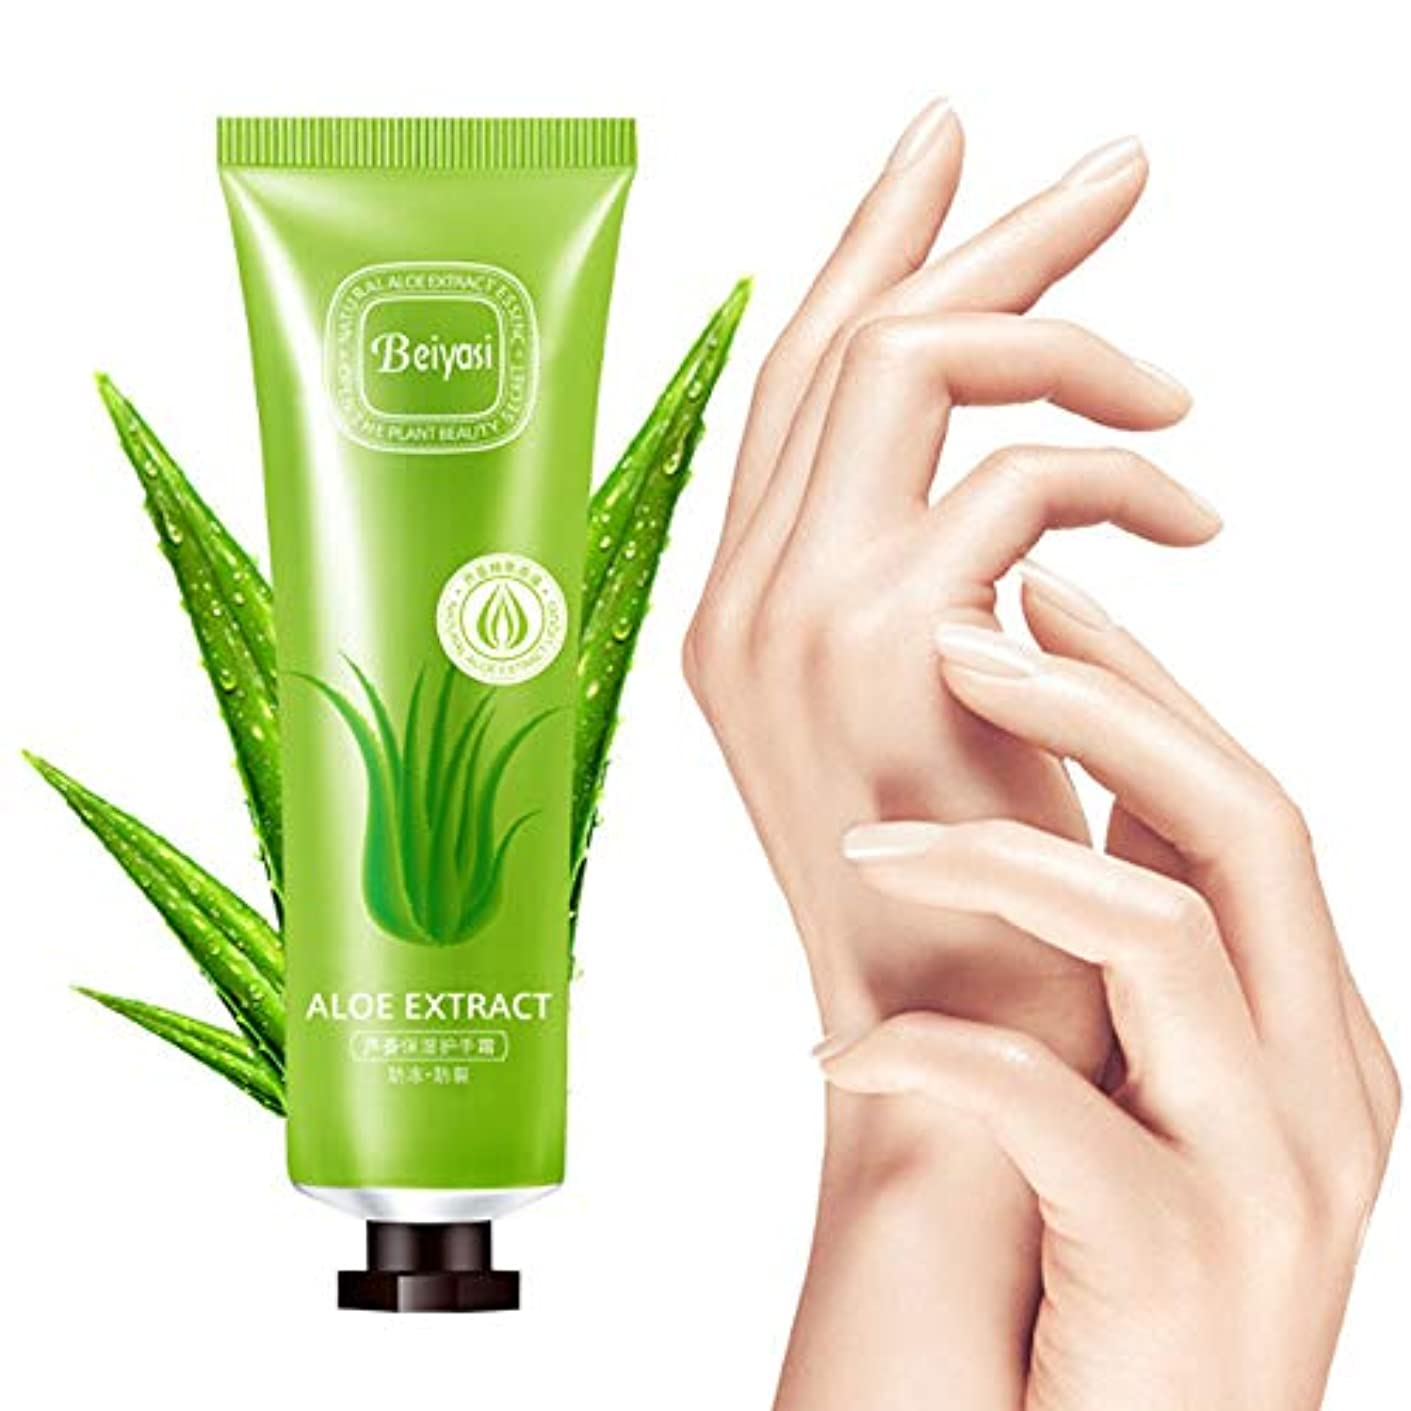 立方体鉛四ハンドクリーム Akane BEIYASI アロエ 潤う 香り 手荒れを防ぐ 保湿 水分 無添加 天然 乾燥肌用 自然 肌荒れ予防 Hand Cream 30g